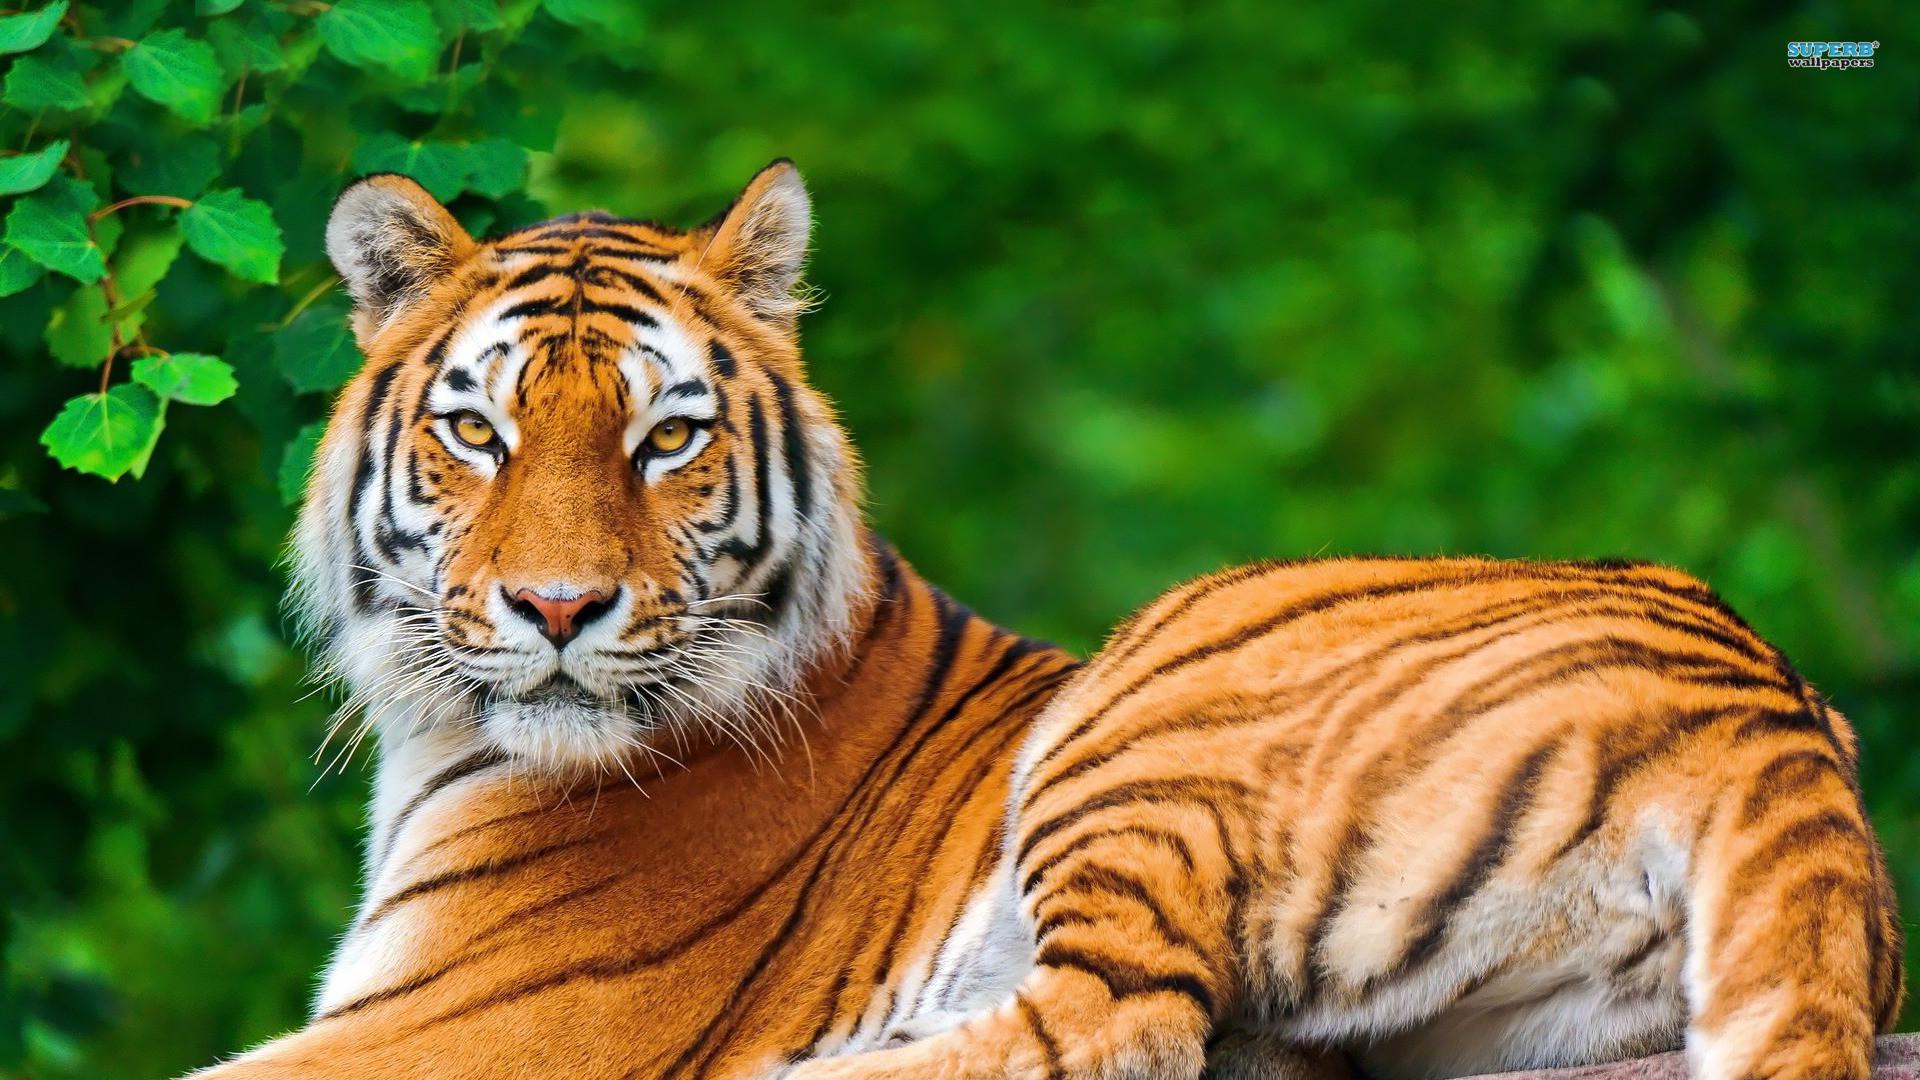 Tiger Animal Wallpaper HD 8 For Desktop Background .